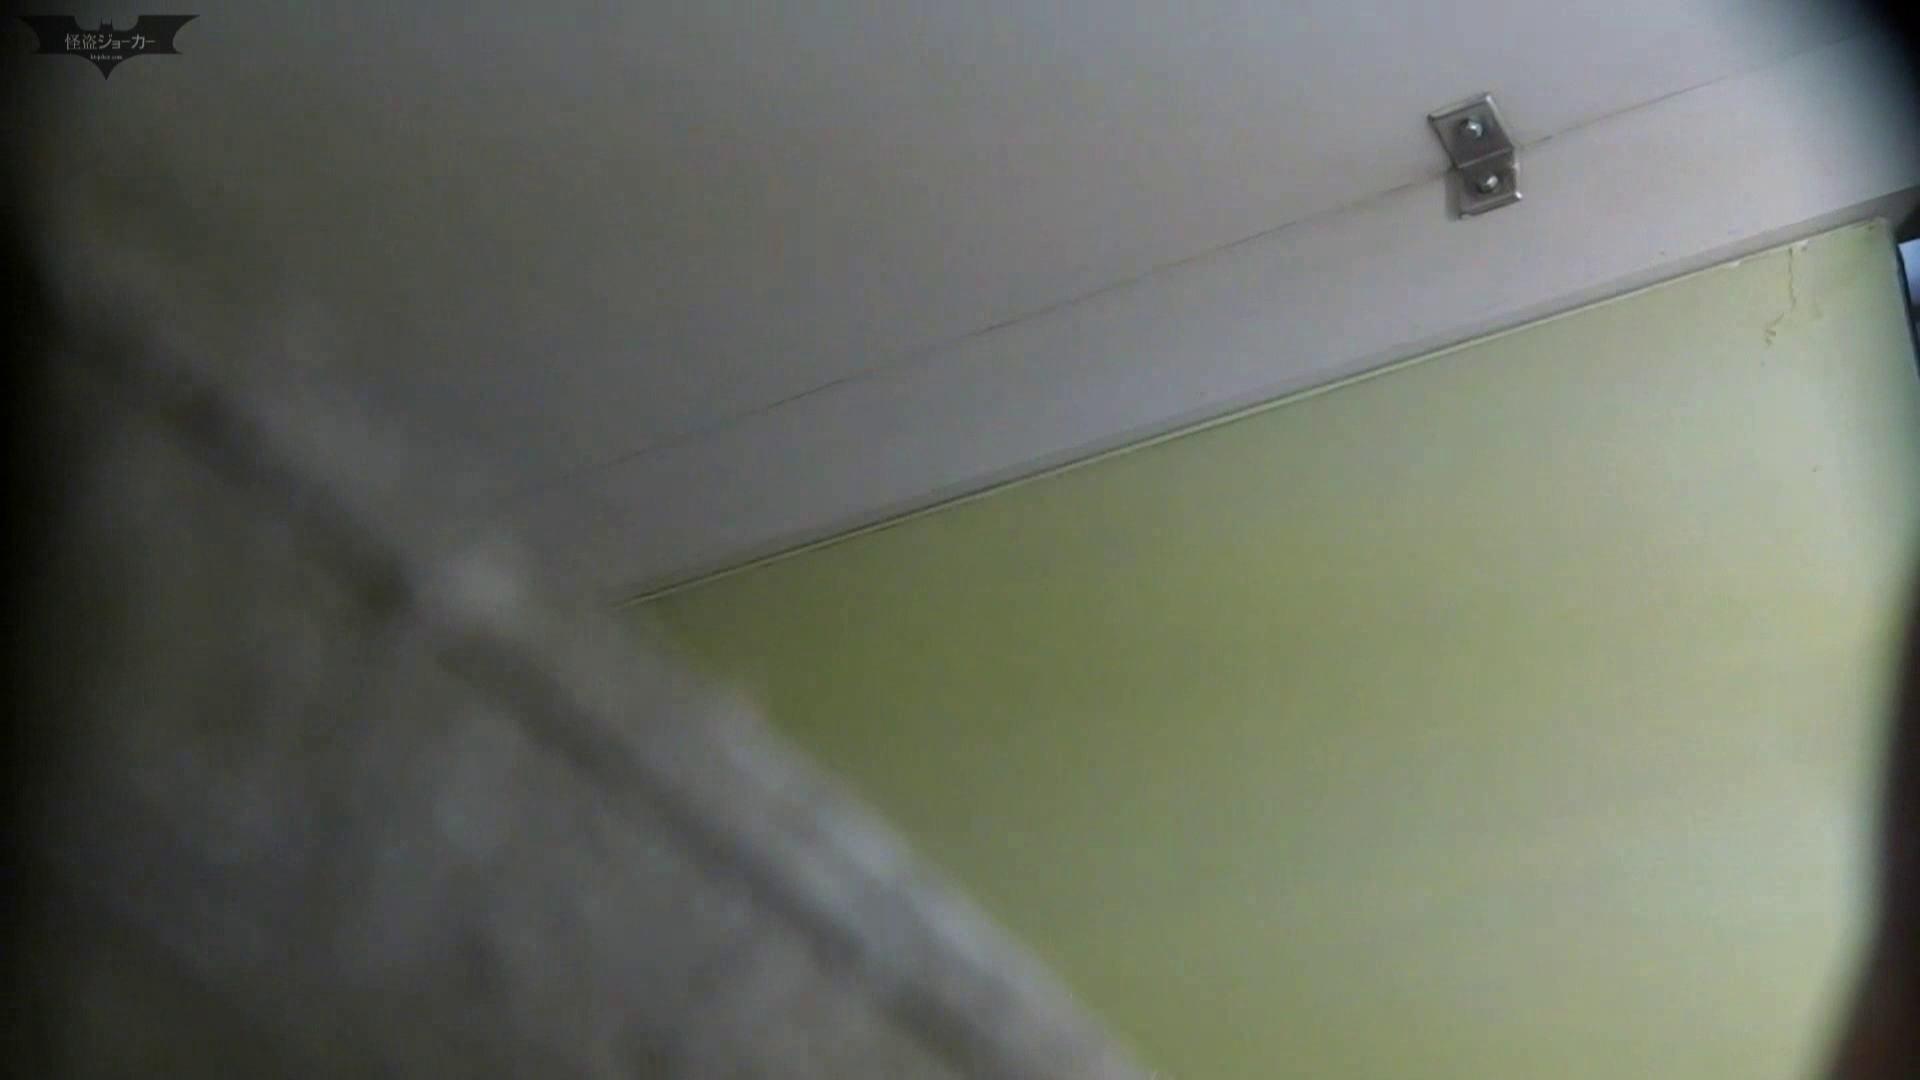 【潜入トイレ盗撮】洗面所特攻隊 vol.70 極上品の連続、歌いながら美女入室 ギャル攻め AV無料動画キャプチャ 97画像 72